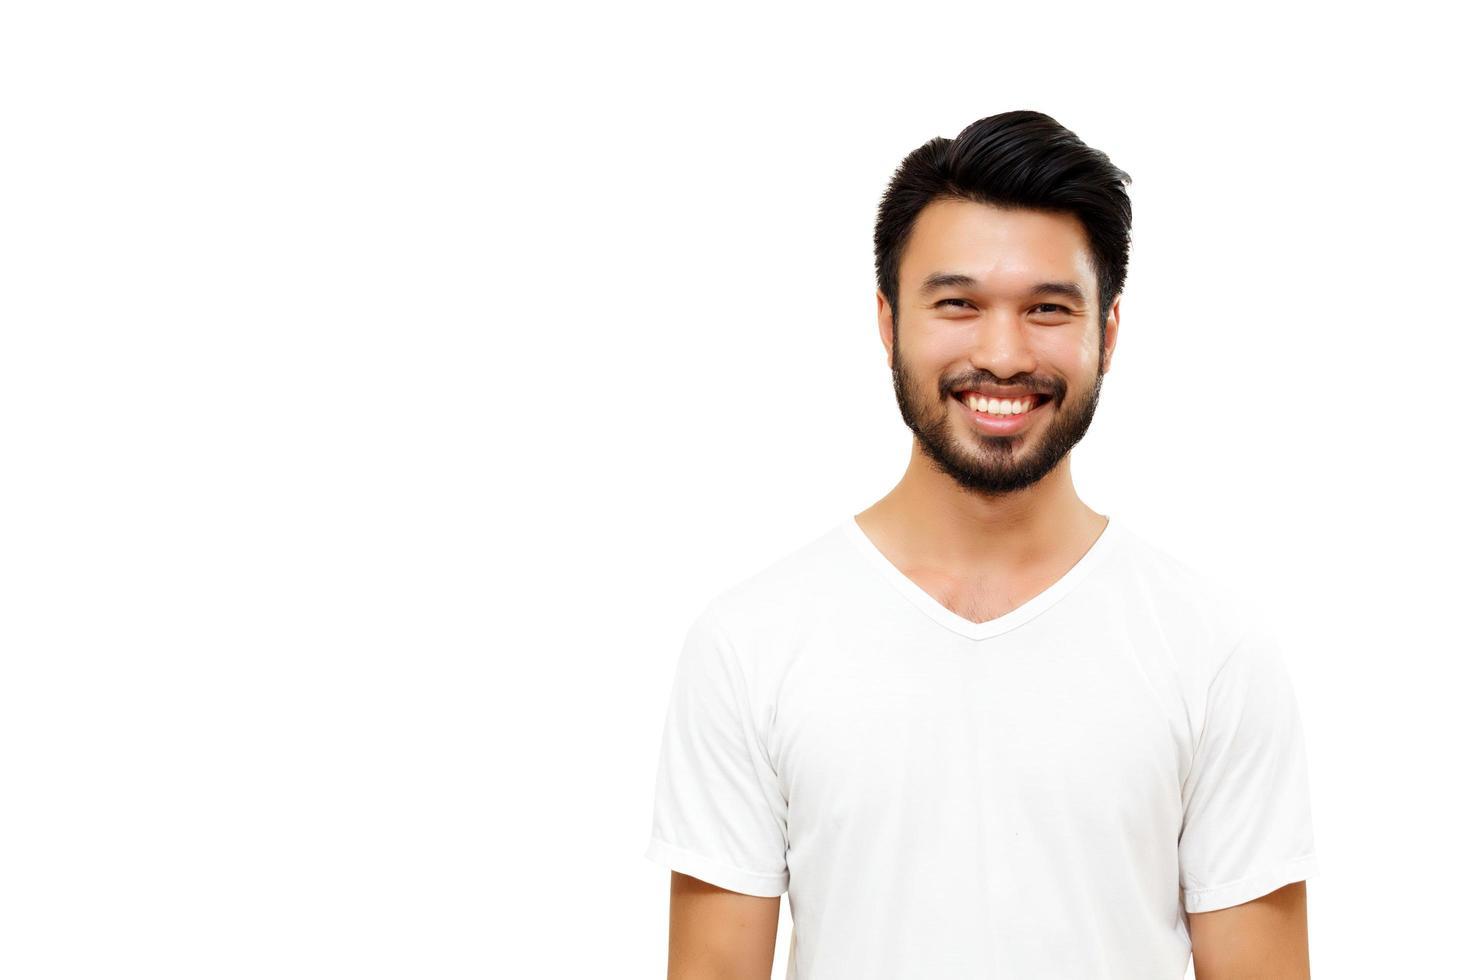 bell'uomo asiatico con i baffi, sorridente isolato su sfondo bianco foto